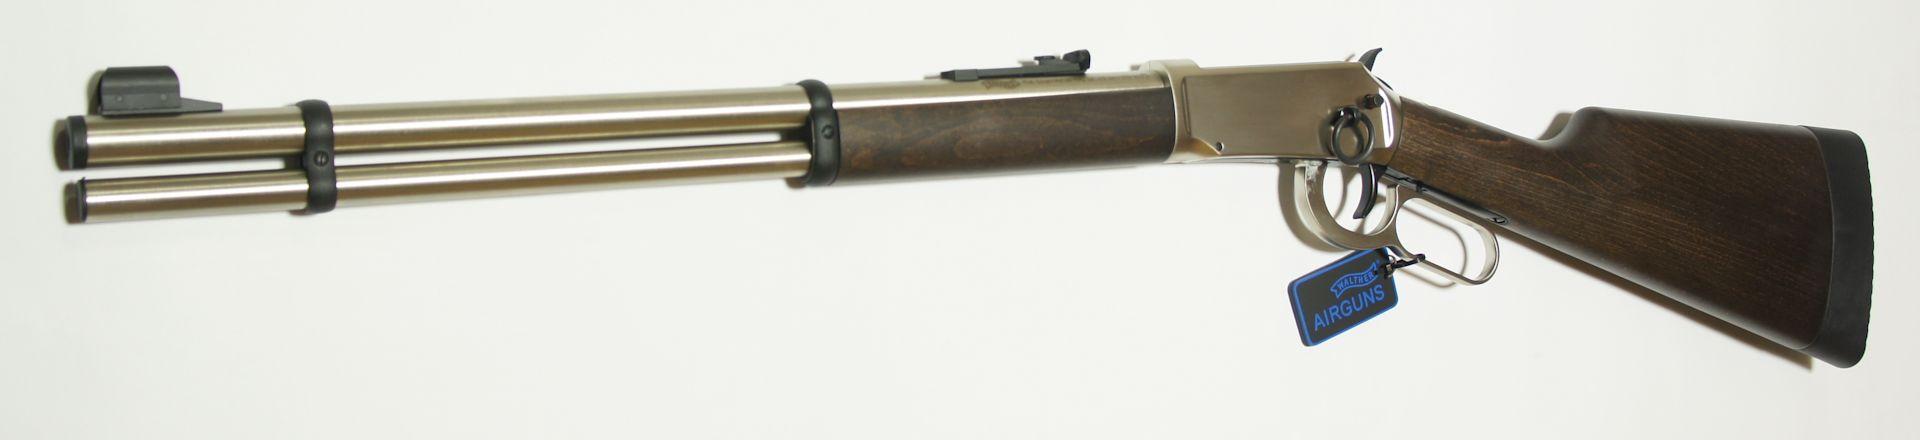 CO2 Winchester, Walther Lever Action, steel finish / Das Visier entspricht dem historischen Vorbild und ist in der Höhe verstellbar.